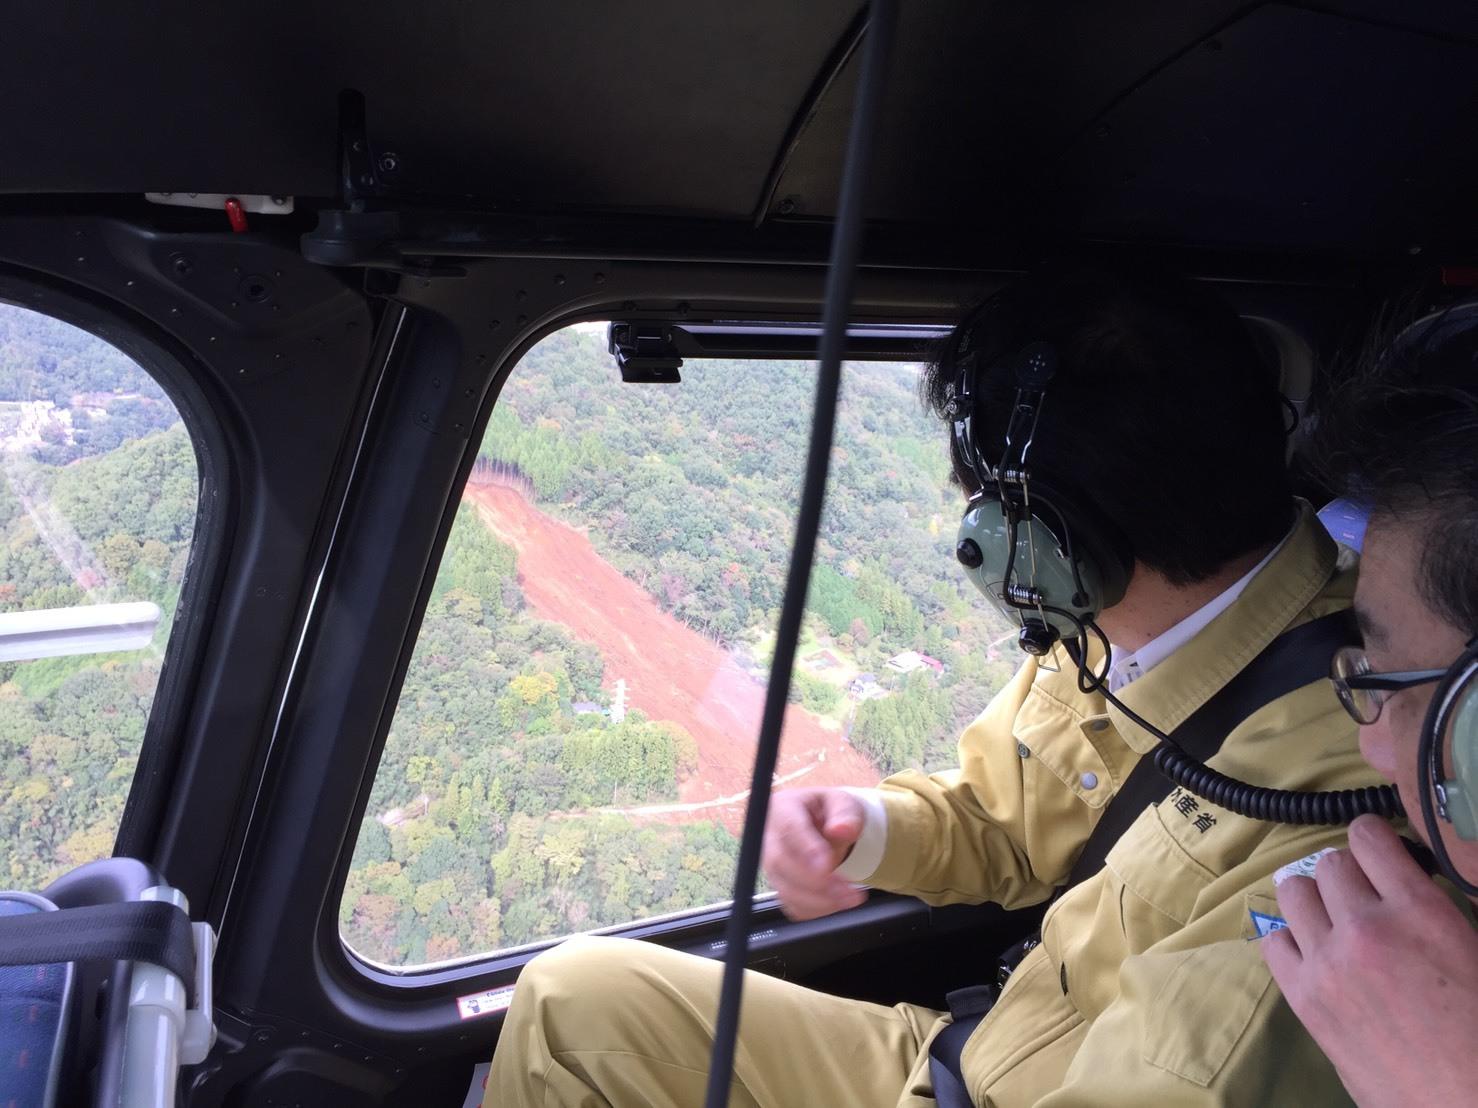 ヘリで山地の被害調査を実施_a0143152_16365926.jpeg